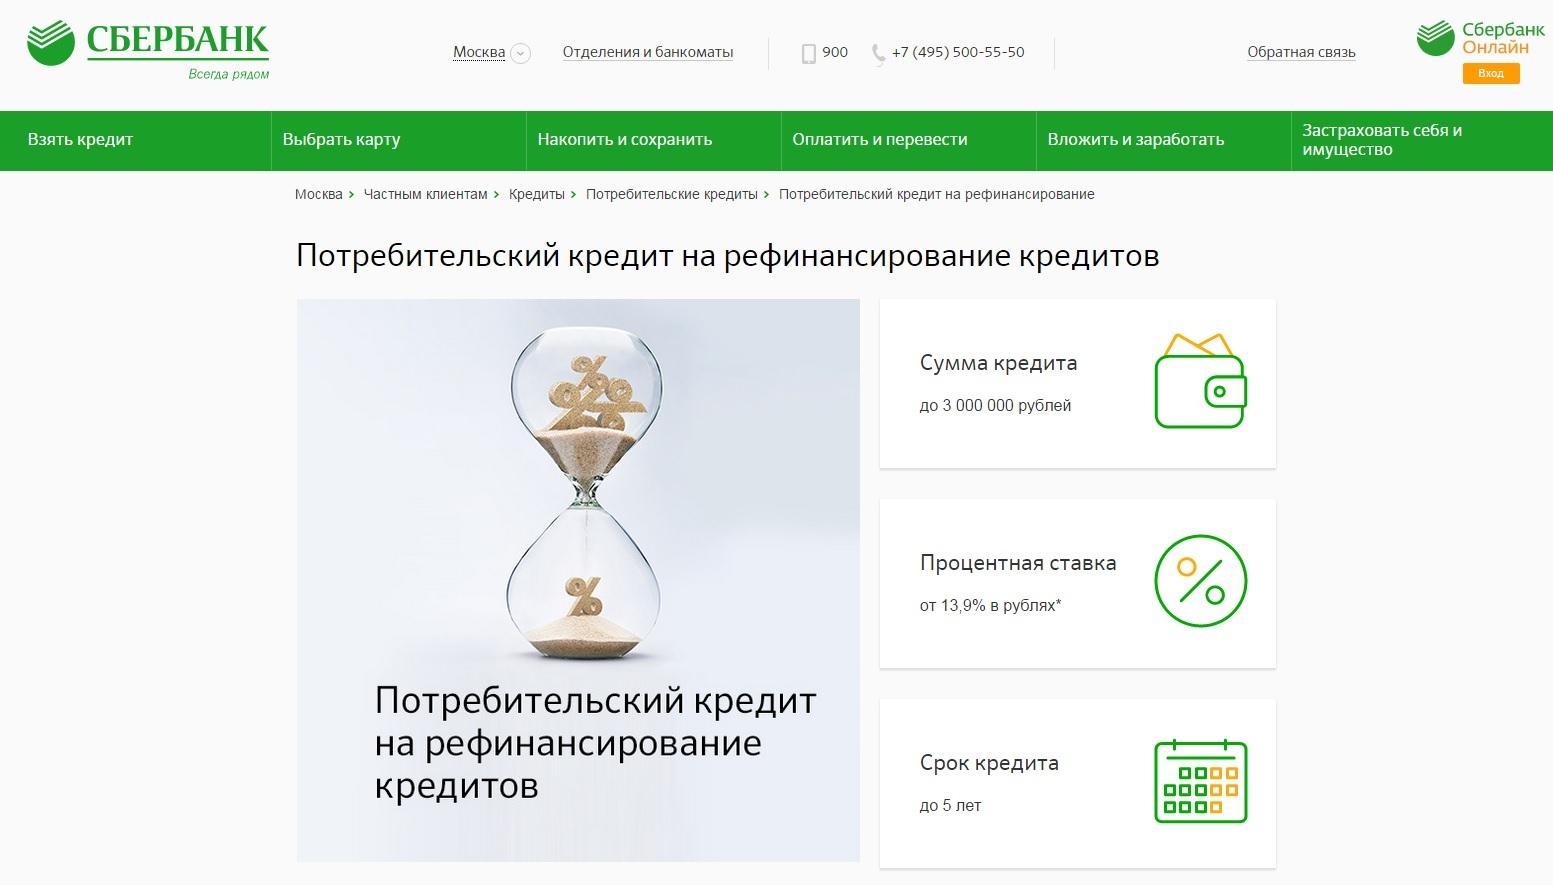 Программа рефинансирования в Сбербанке